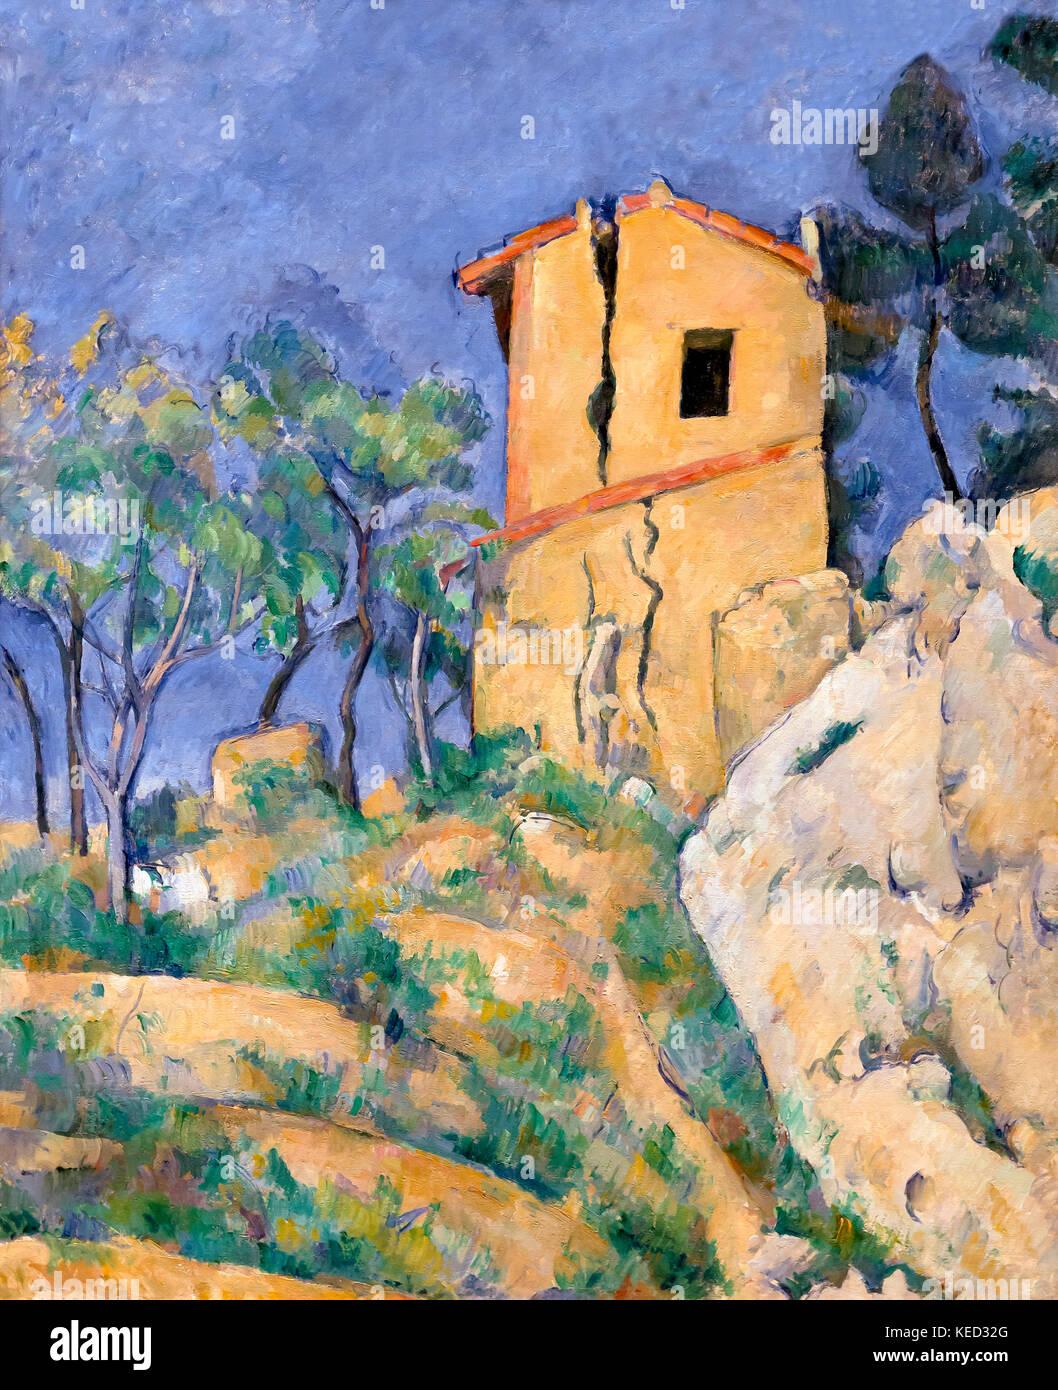 La casa con le pareti incrinate, Paul Cezanne, 1892-1894, Metropolitan Museum of Art, Manhattan, New York City, Immagini Stock